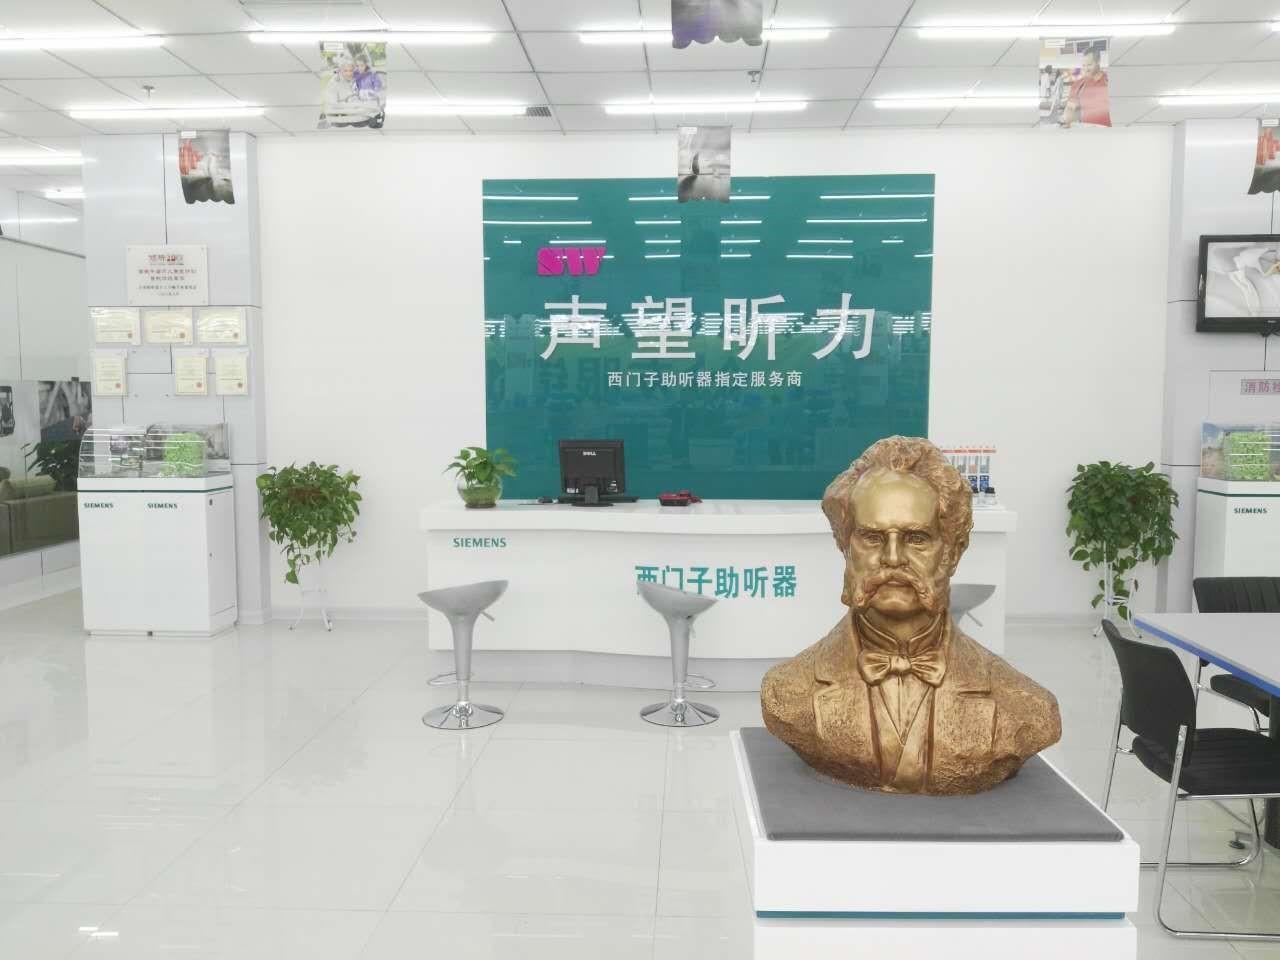 西门子助听器(甘肃省服务中心) 验配环境展示